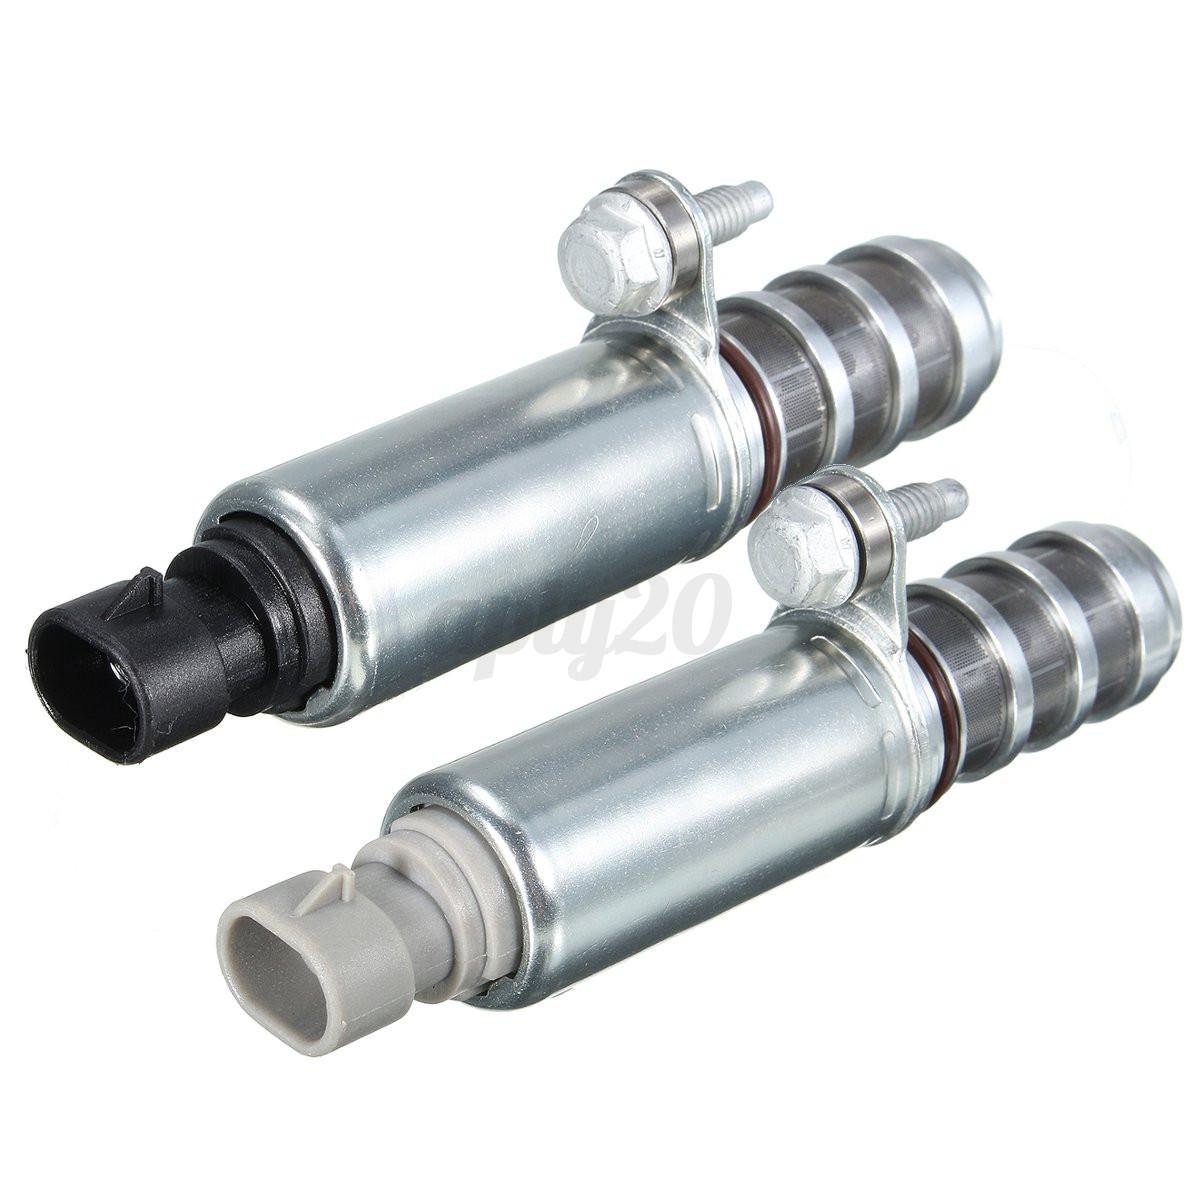 Camshaft Position Actuator Intake & Exhaust Solenoid Valve